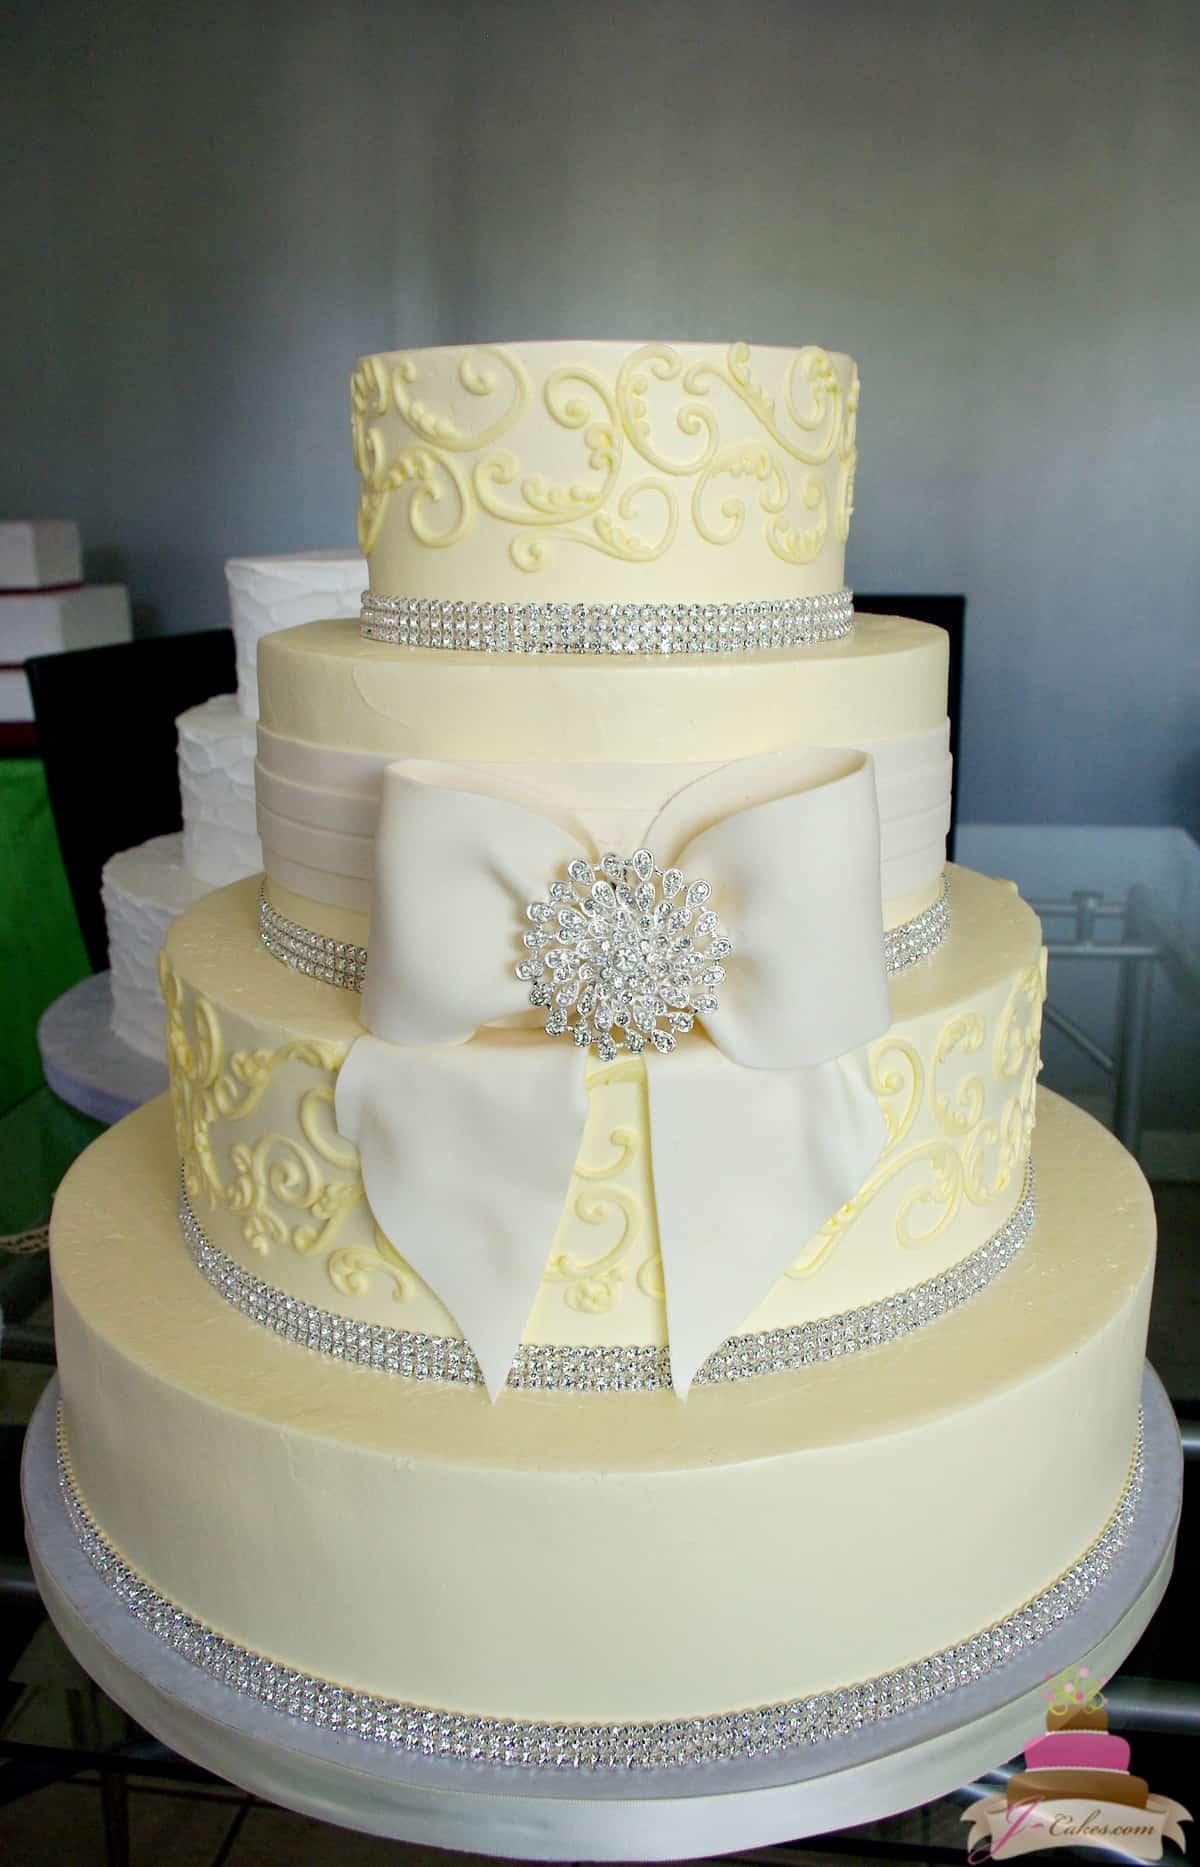 (1149) Fondant Bow and Bling Wedding Cake